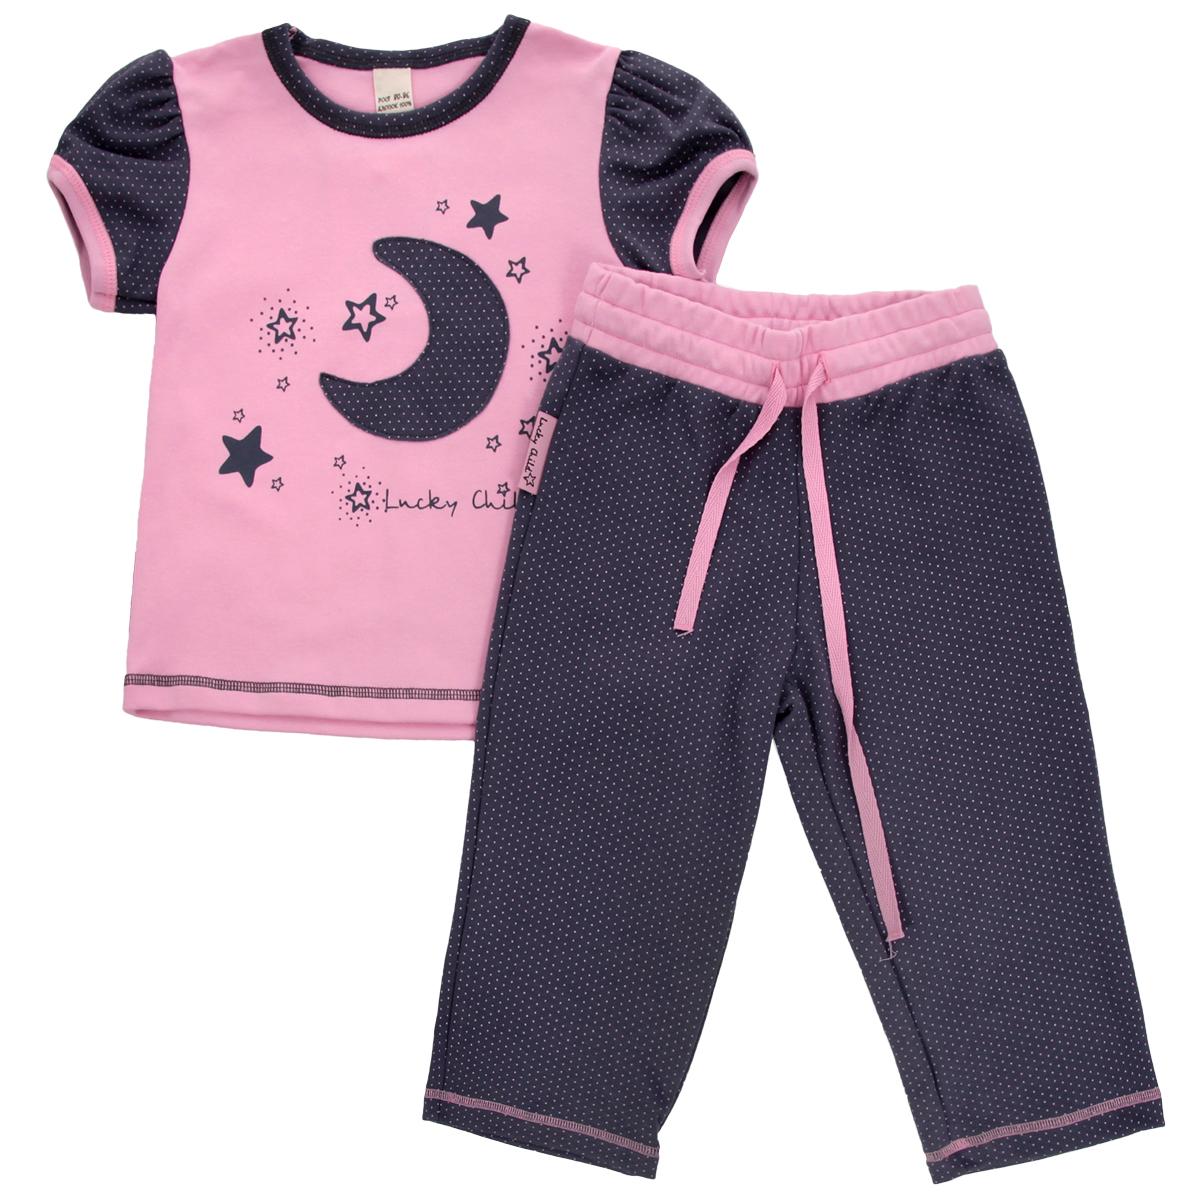 12-403Очаровательная пижама для девочки Lucky Child, состоящая из футболки и брюк, идеально подойдет вашей дочурке и станет отличным дополнением к детскому гардеробу. Изготовленная из натурального хлопка - интерлока, она необычайно мягкая и приятная на ощупь, не раздражает нежную кожу ребенка и хорошо вентилируется, а эластичные швы приятны телу и не препятствуют его движениям. Футболка с короткими рукавами-фонариками и круглым вырезом горловины оформлена оригинальной аппликацией в виде месяца, а также принтом с изображением звездочек и названием бренда. Горловина и рукава оформлены мелким гороховым принтом. Низ изделия оформлен контрастной фигурной прострочкой. Брюки прямого кроя на талии имеют широкий эластичный пояс со шнурком, благодаря чему они не сдавливают животик ребенка и не сползают. Оформлены брюки мелким гороховым принтом. Такая пижама идеально подойдет вашей дочурке, а мягкие полотна позволят ей комфортно чувствовать себя во время сна!